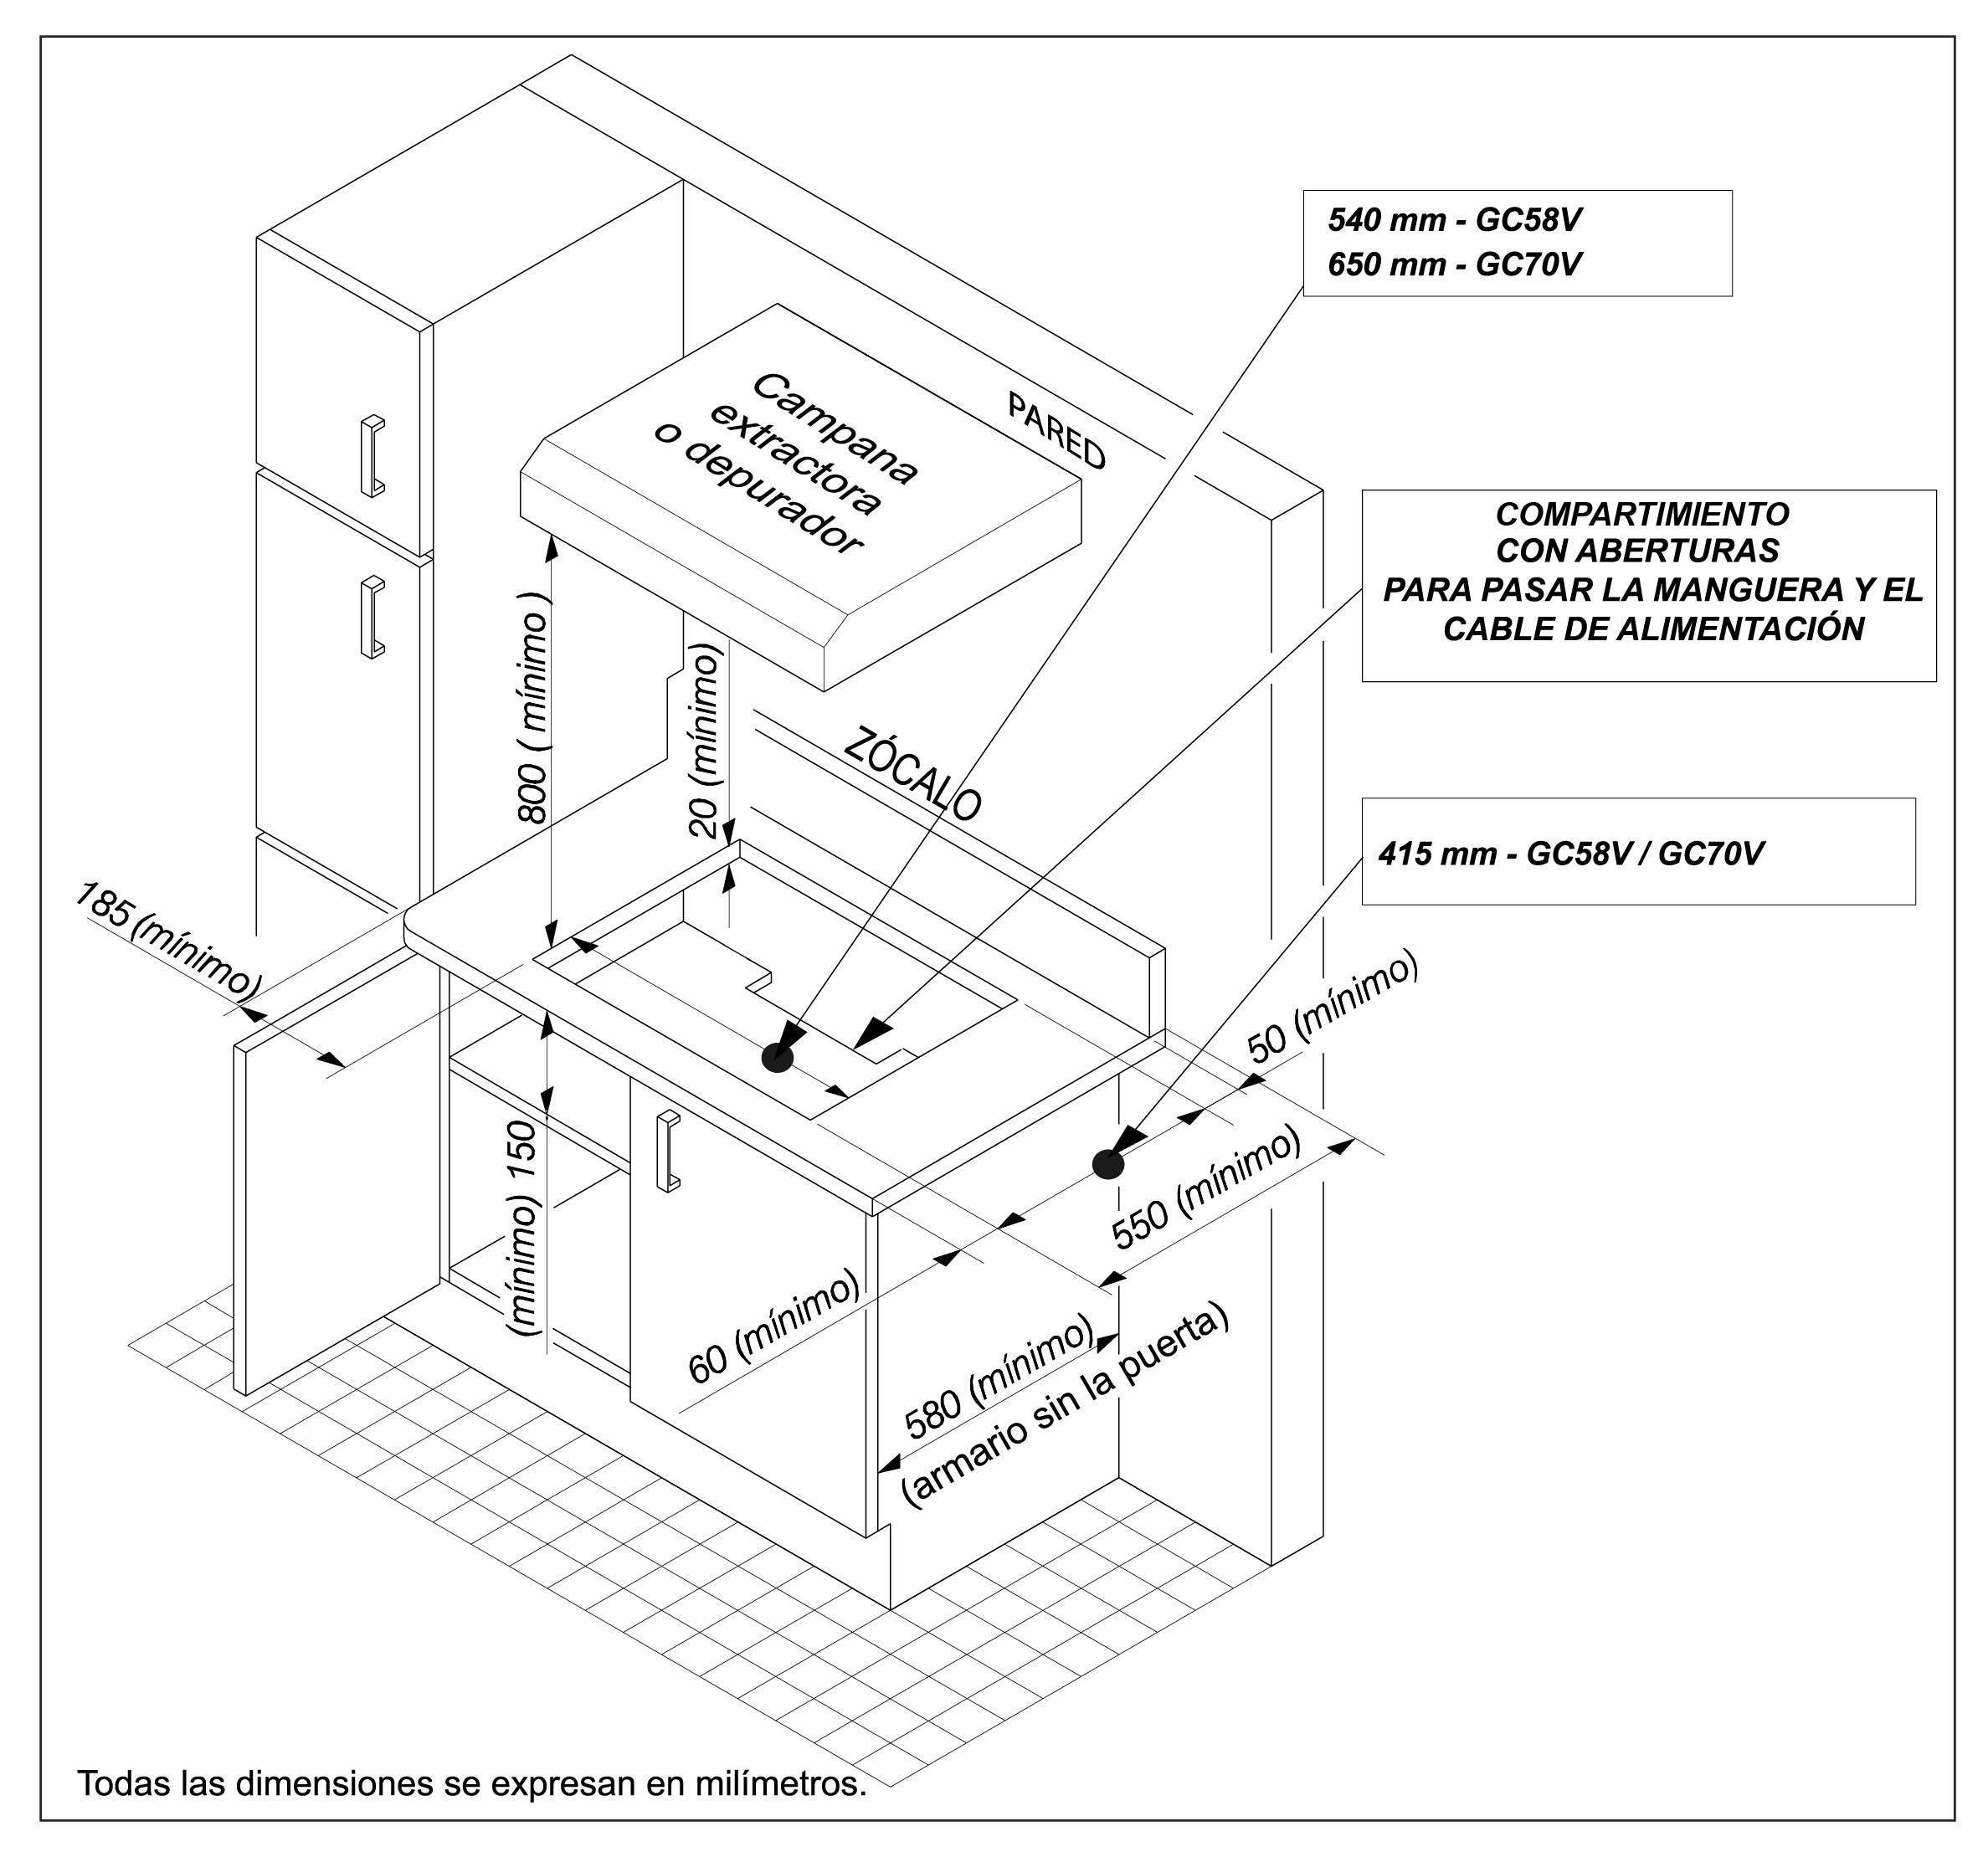 montaje esquema encimera gv38v